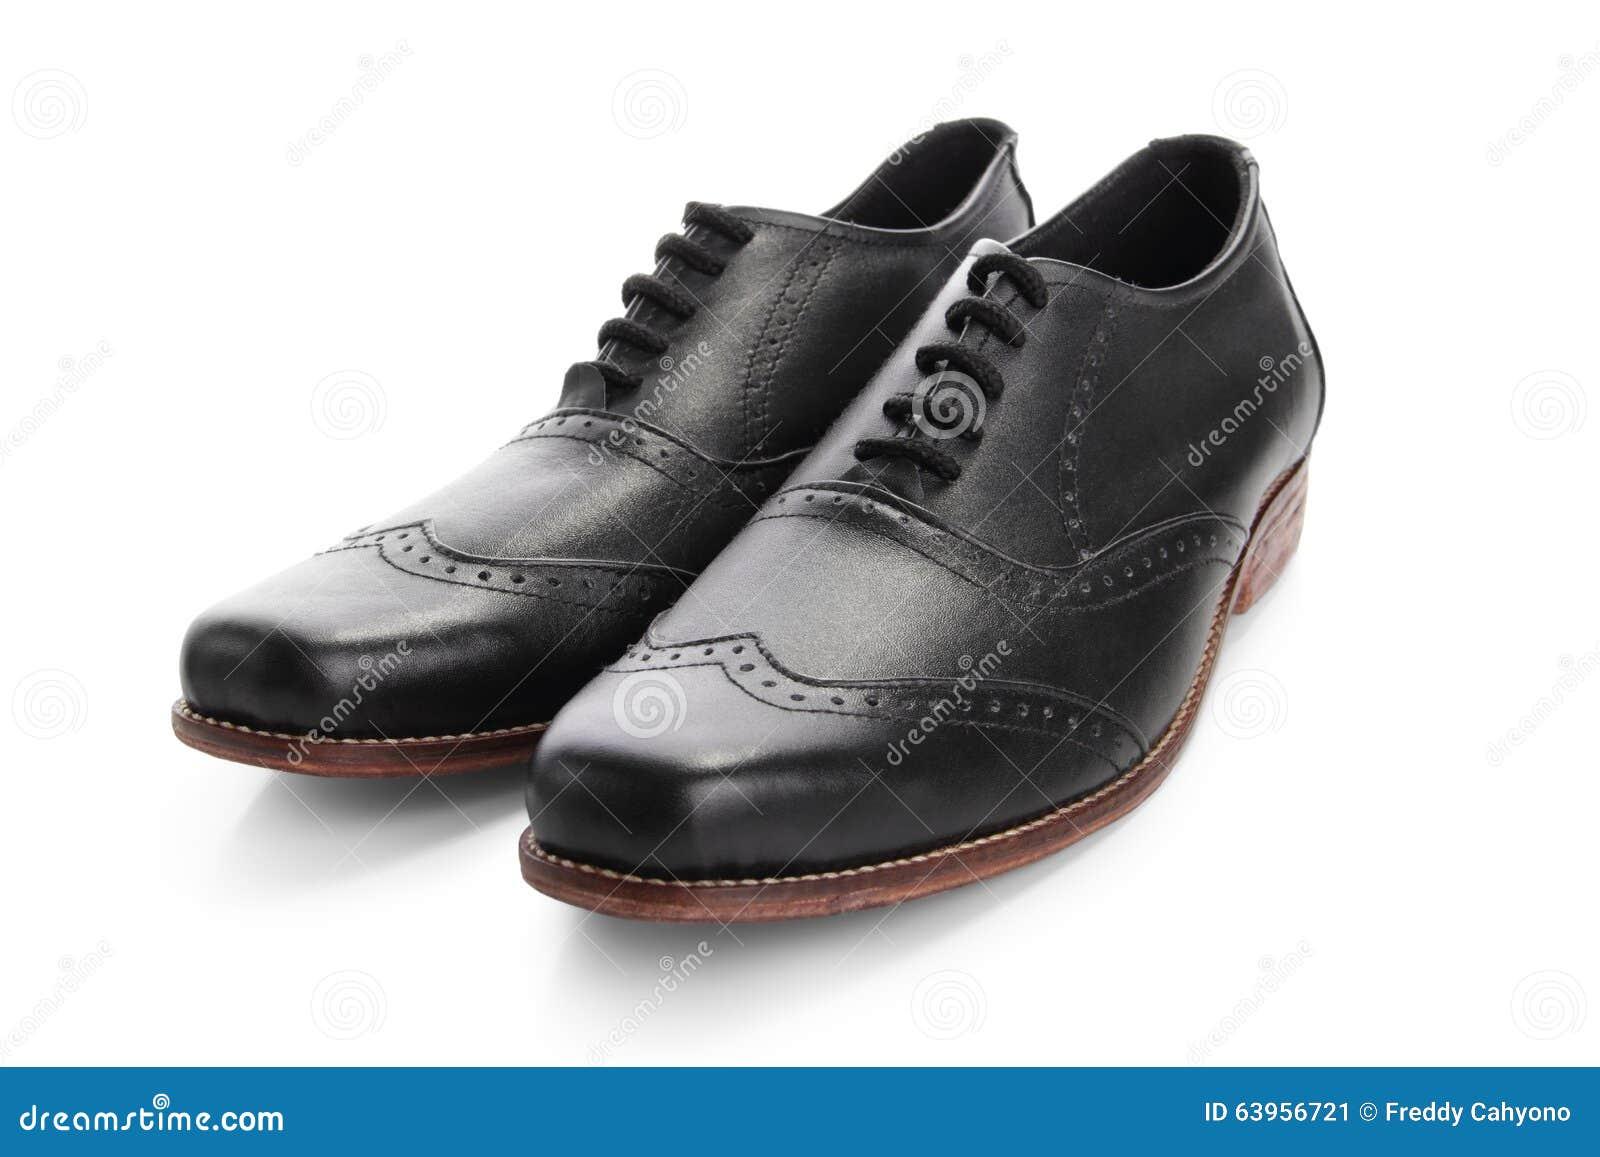 new style 348fe 8467f Une paire de chaussures en cuir noires pour l occasion formelle,  d isolement sur le fond blanc